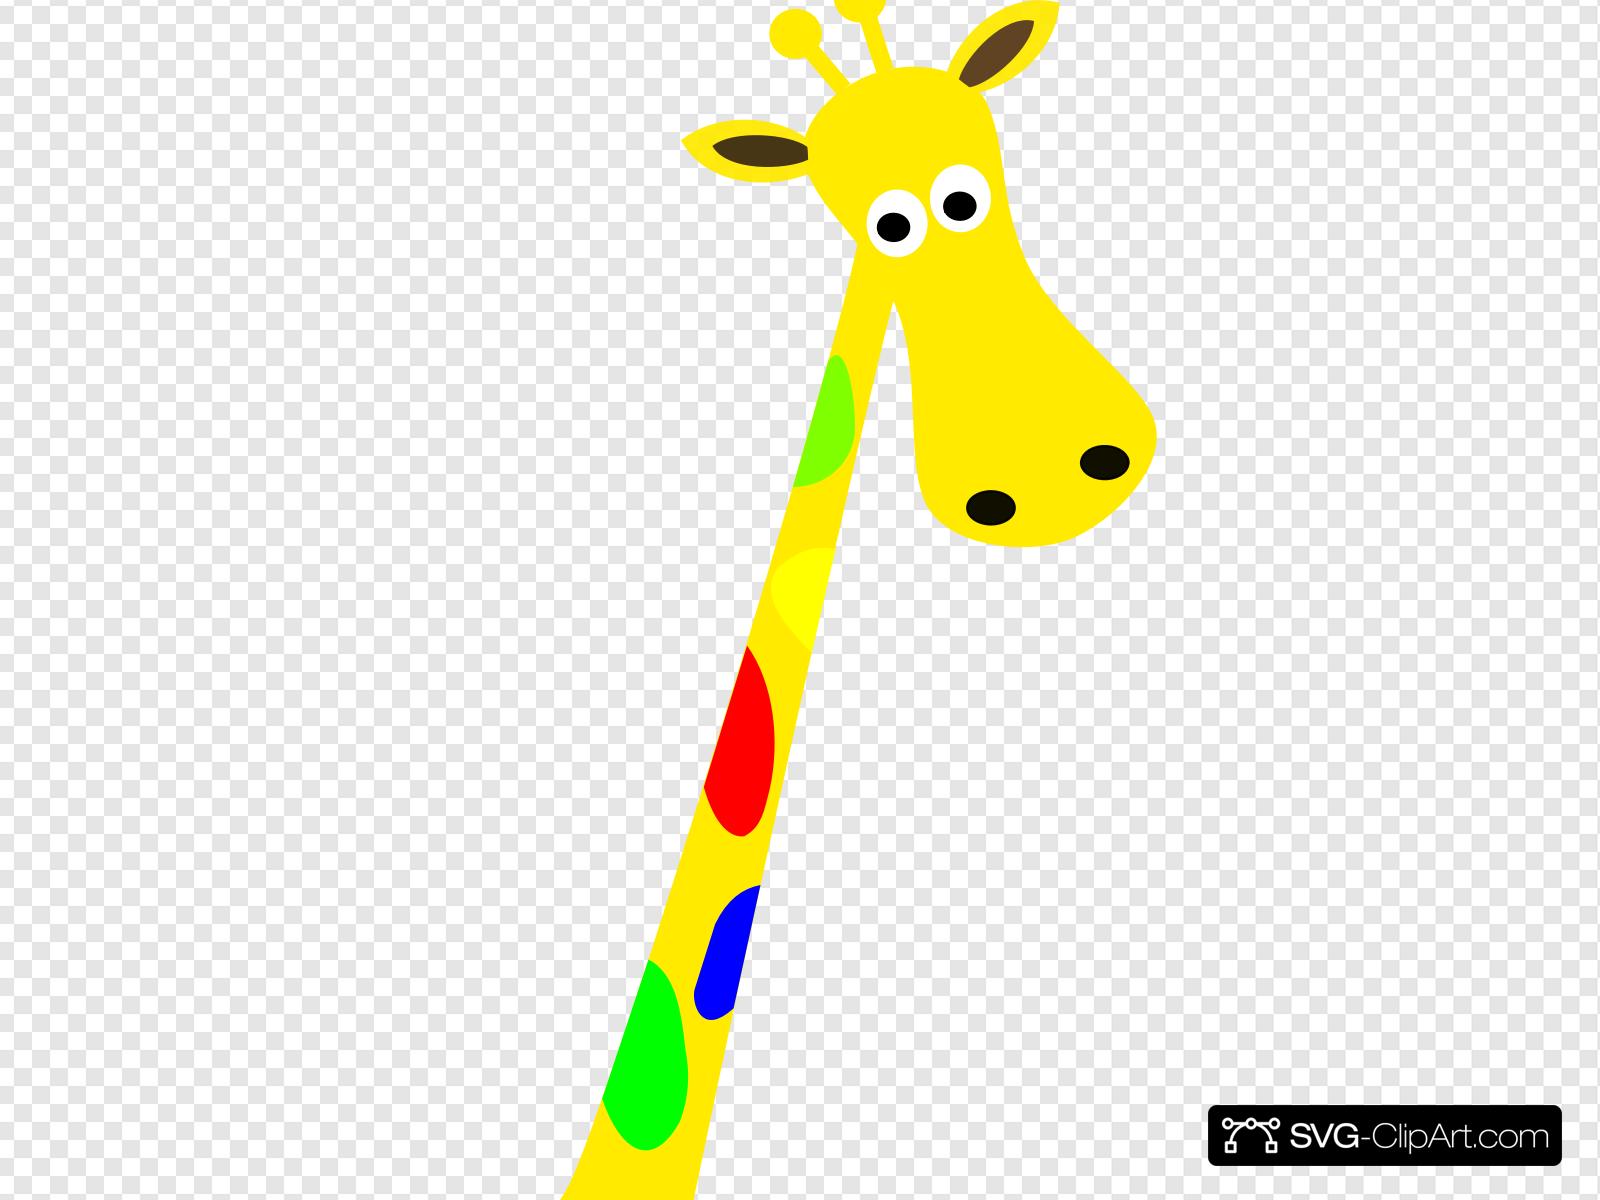 Jirafa Clip art, Icon and SVG.